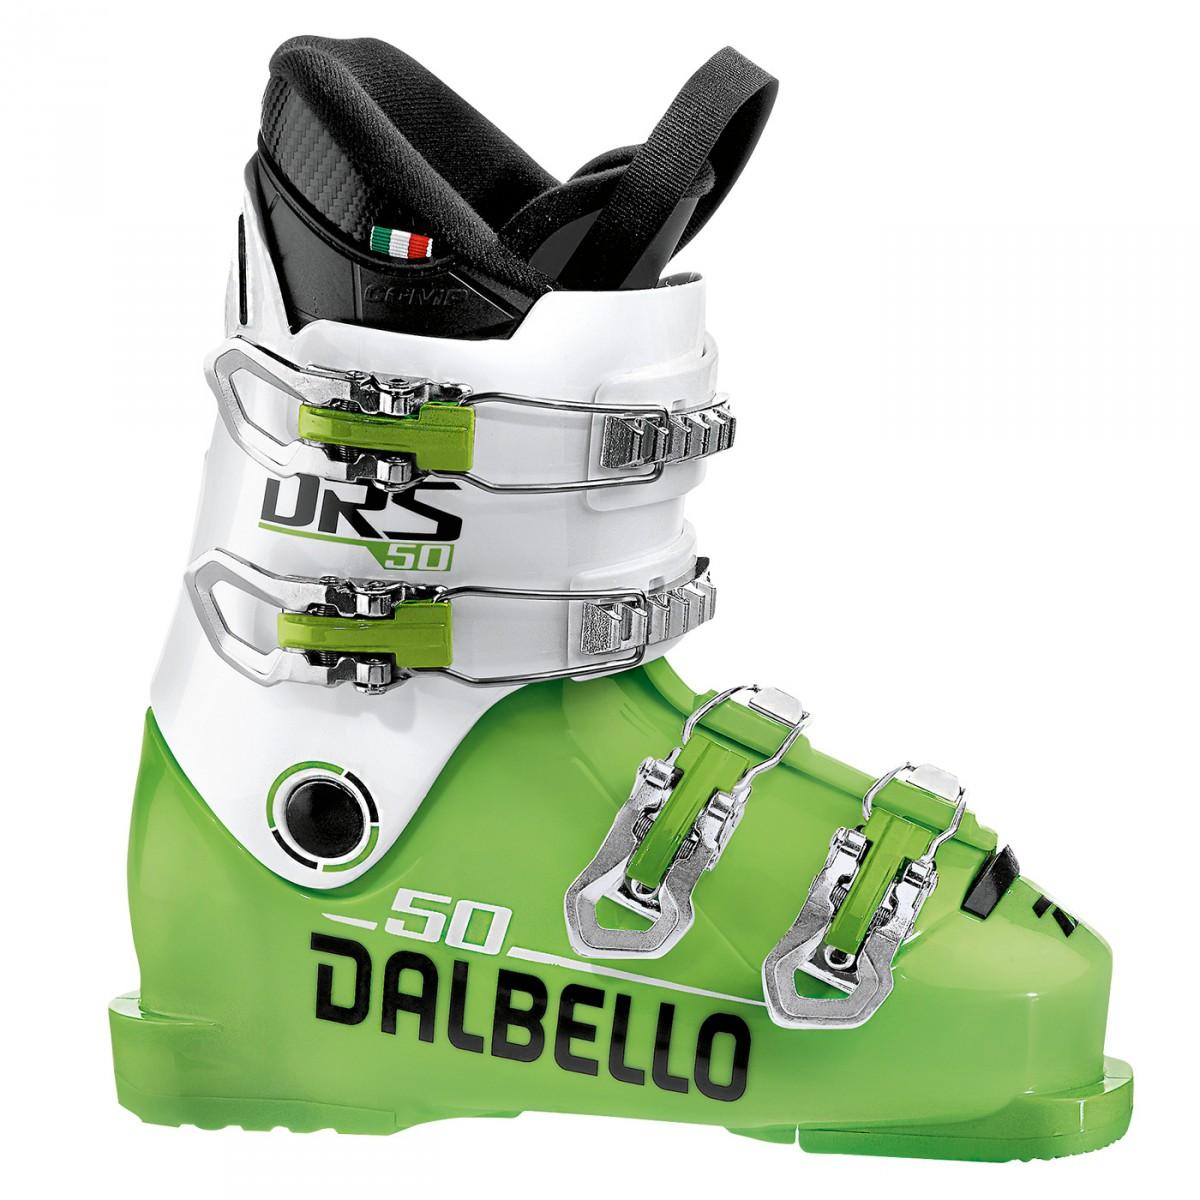 Scarponi sci Dalbello Drs 50 Avanti (Colore: verde-bianco, Taglia: 19)